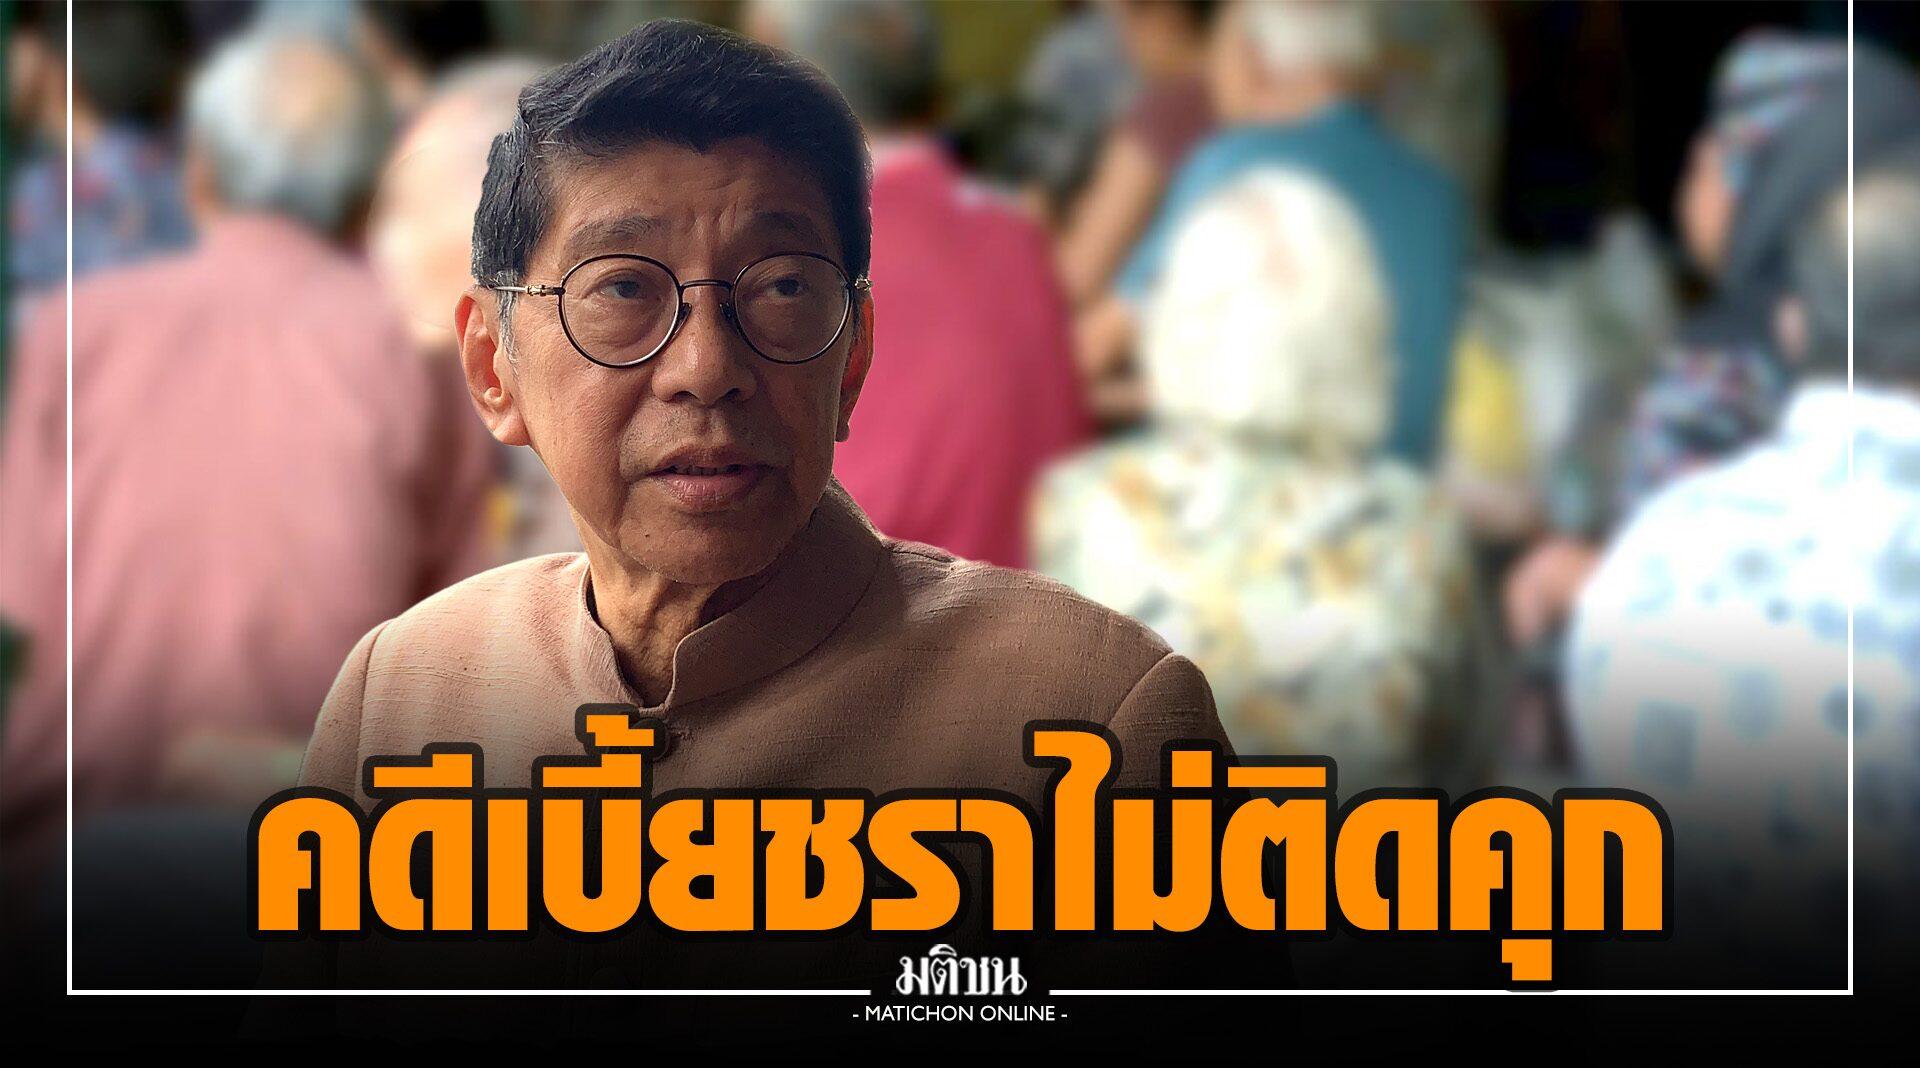 วิษณุ ชี้ 'คดีเบี้ยคนชรา' ไม่มีติดคุก 'ป๊อก' แจงปมแก้ระเบียบมหาดไทย